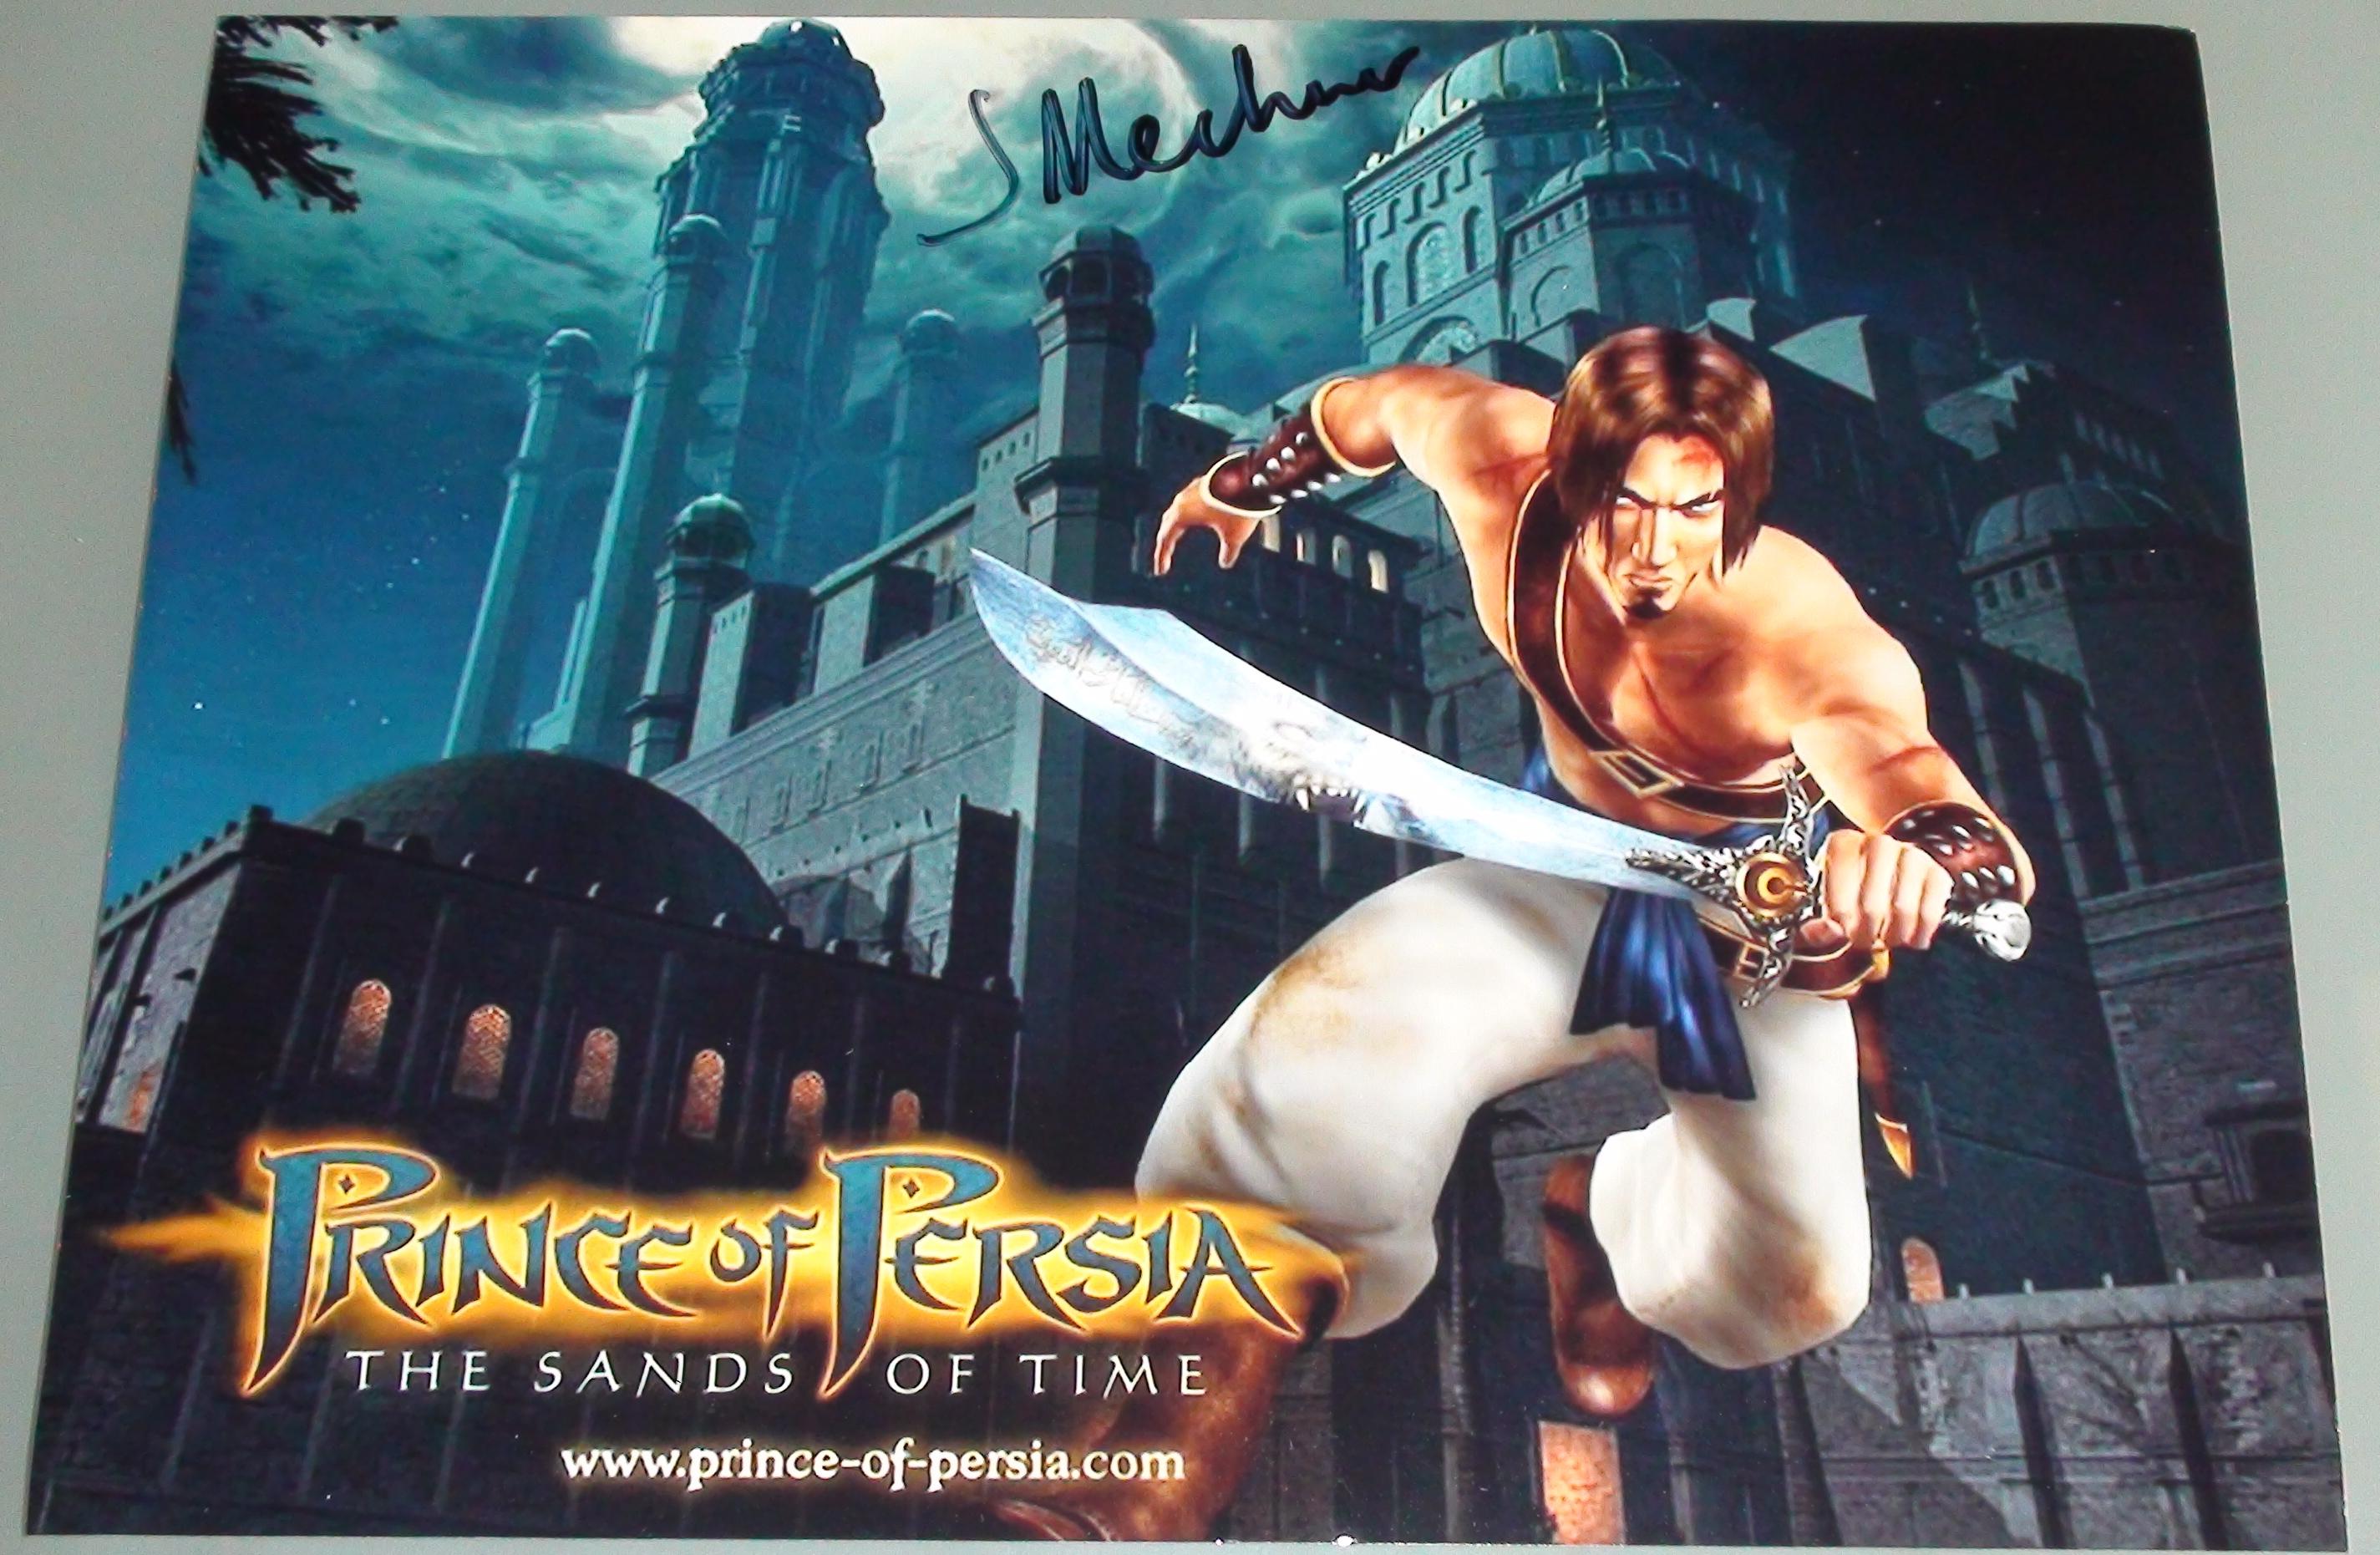 Prince of Persia - Jordan Mechner